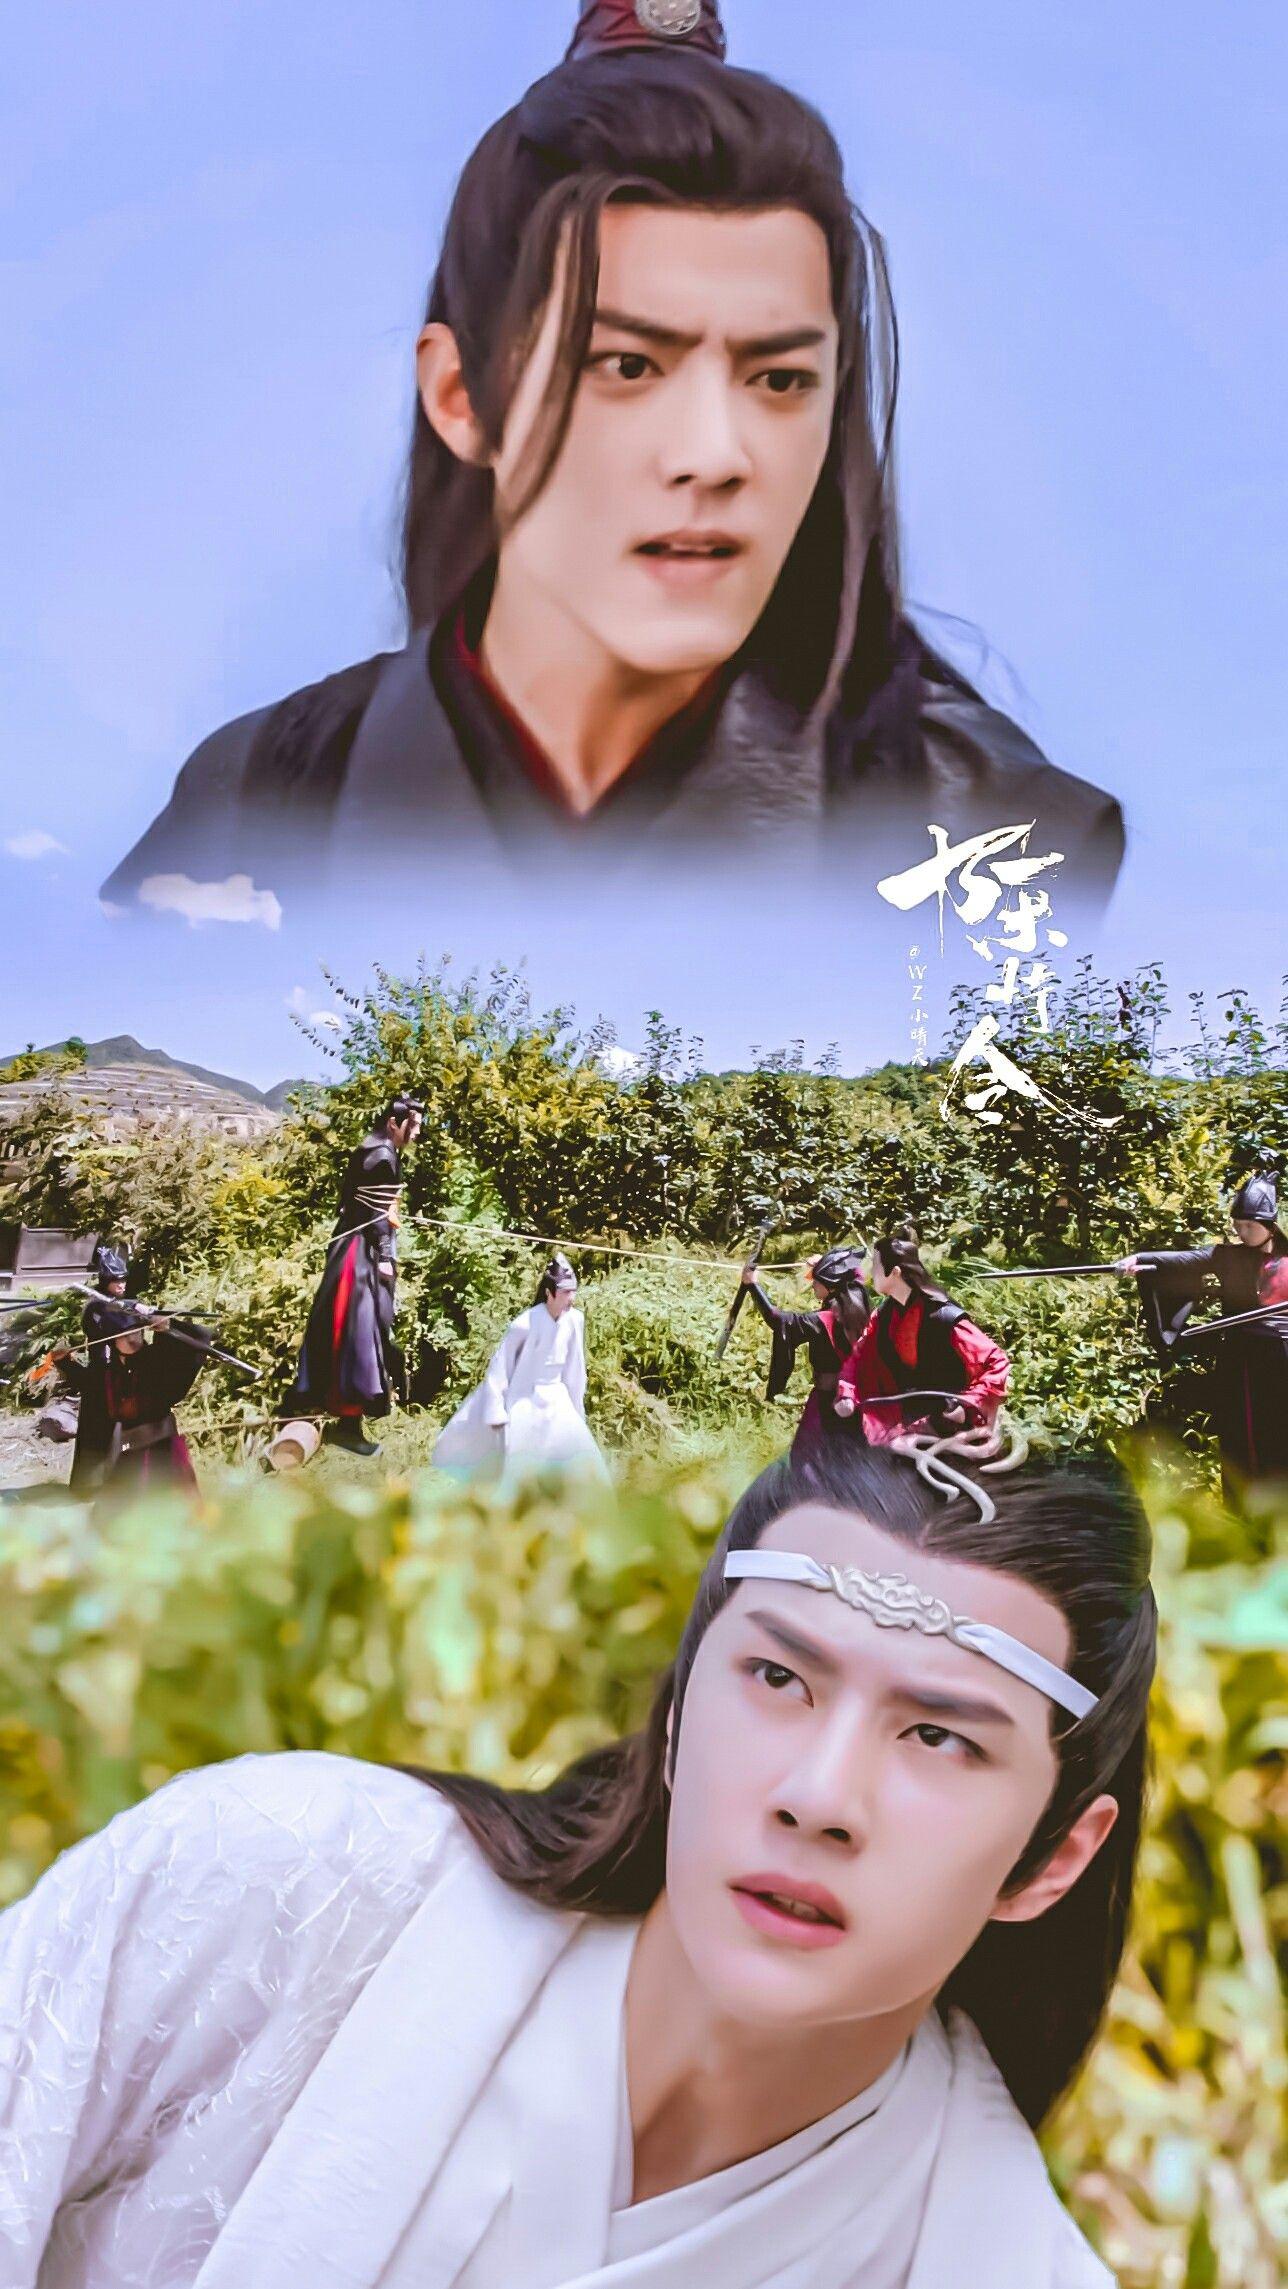 ปักพินโดย Kelly Jin ใน The Untamed Chinese Drama สามีใน